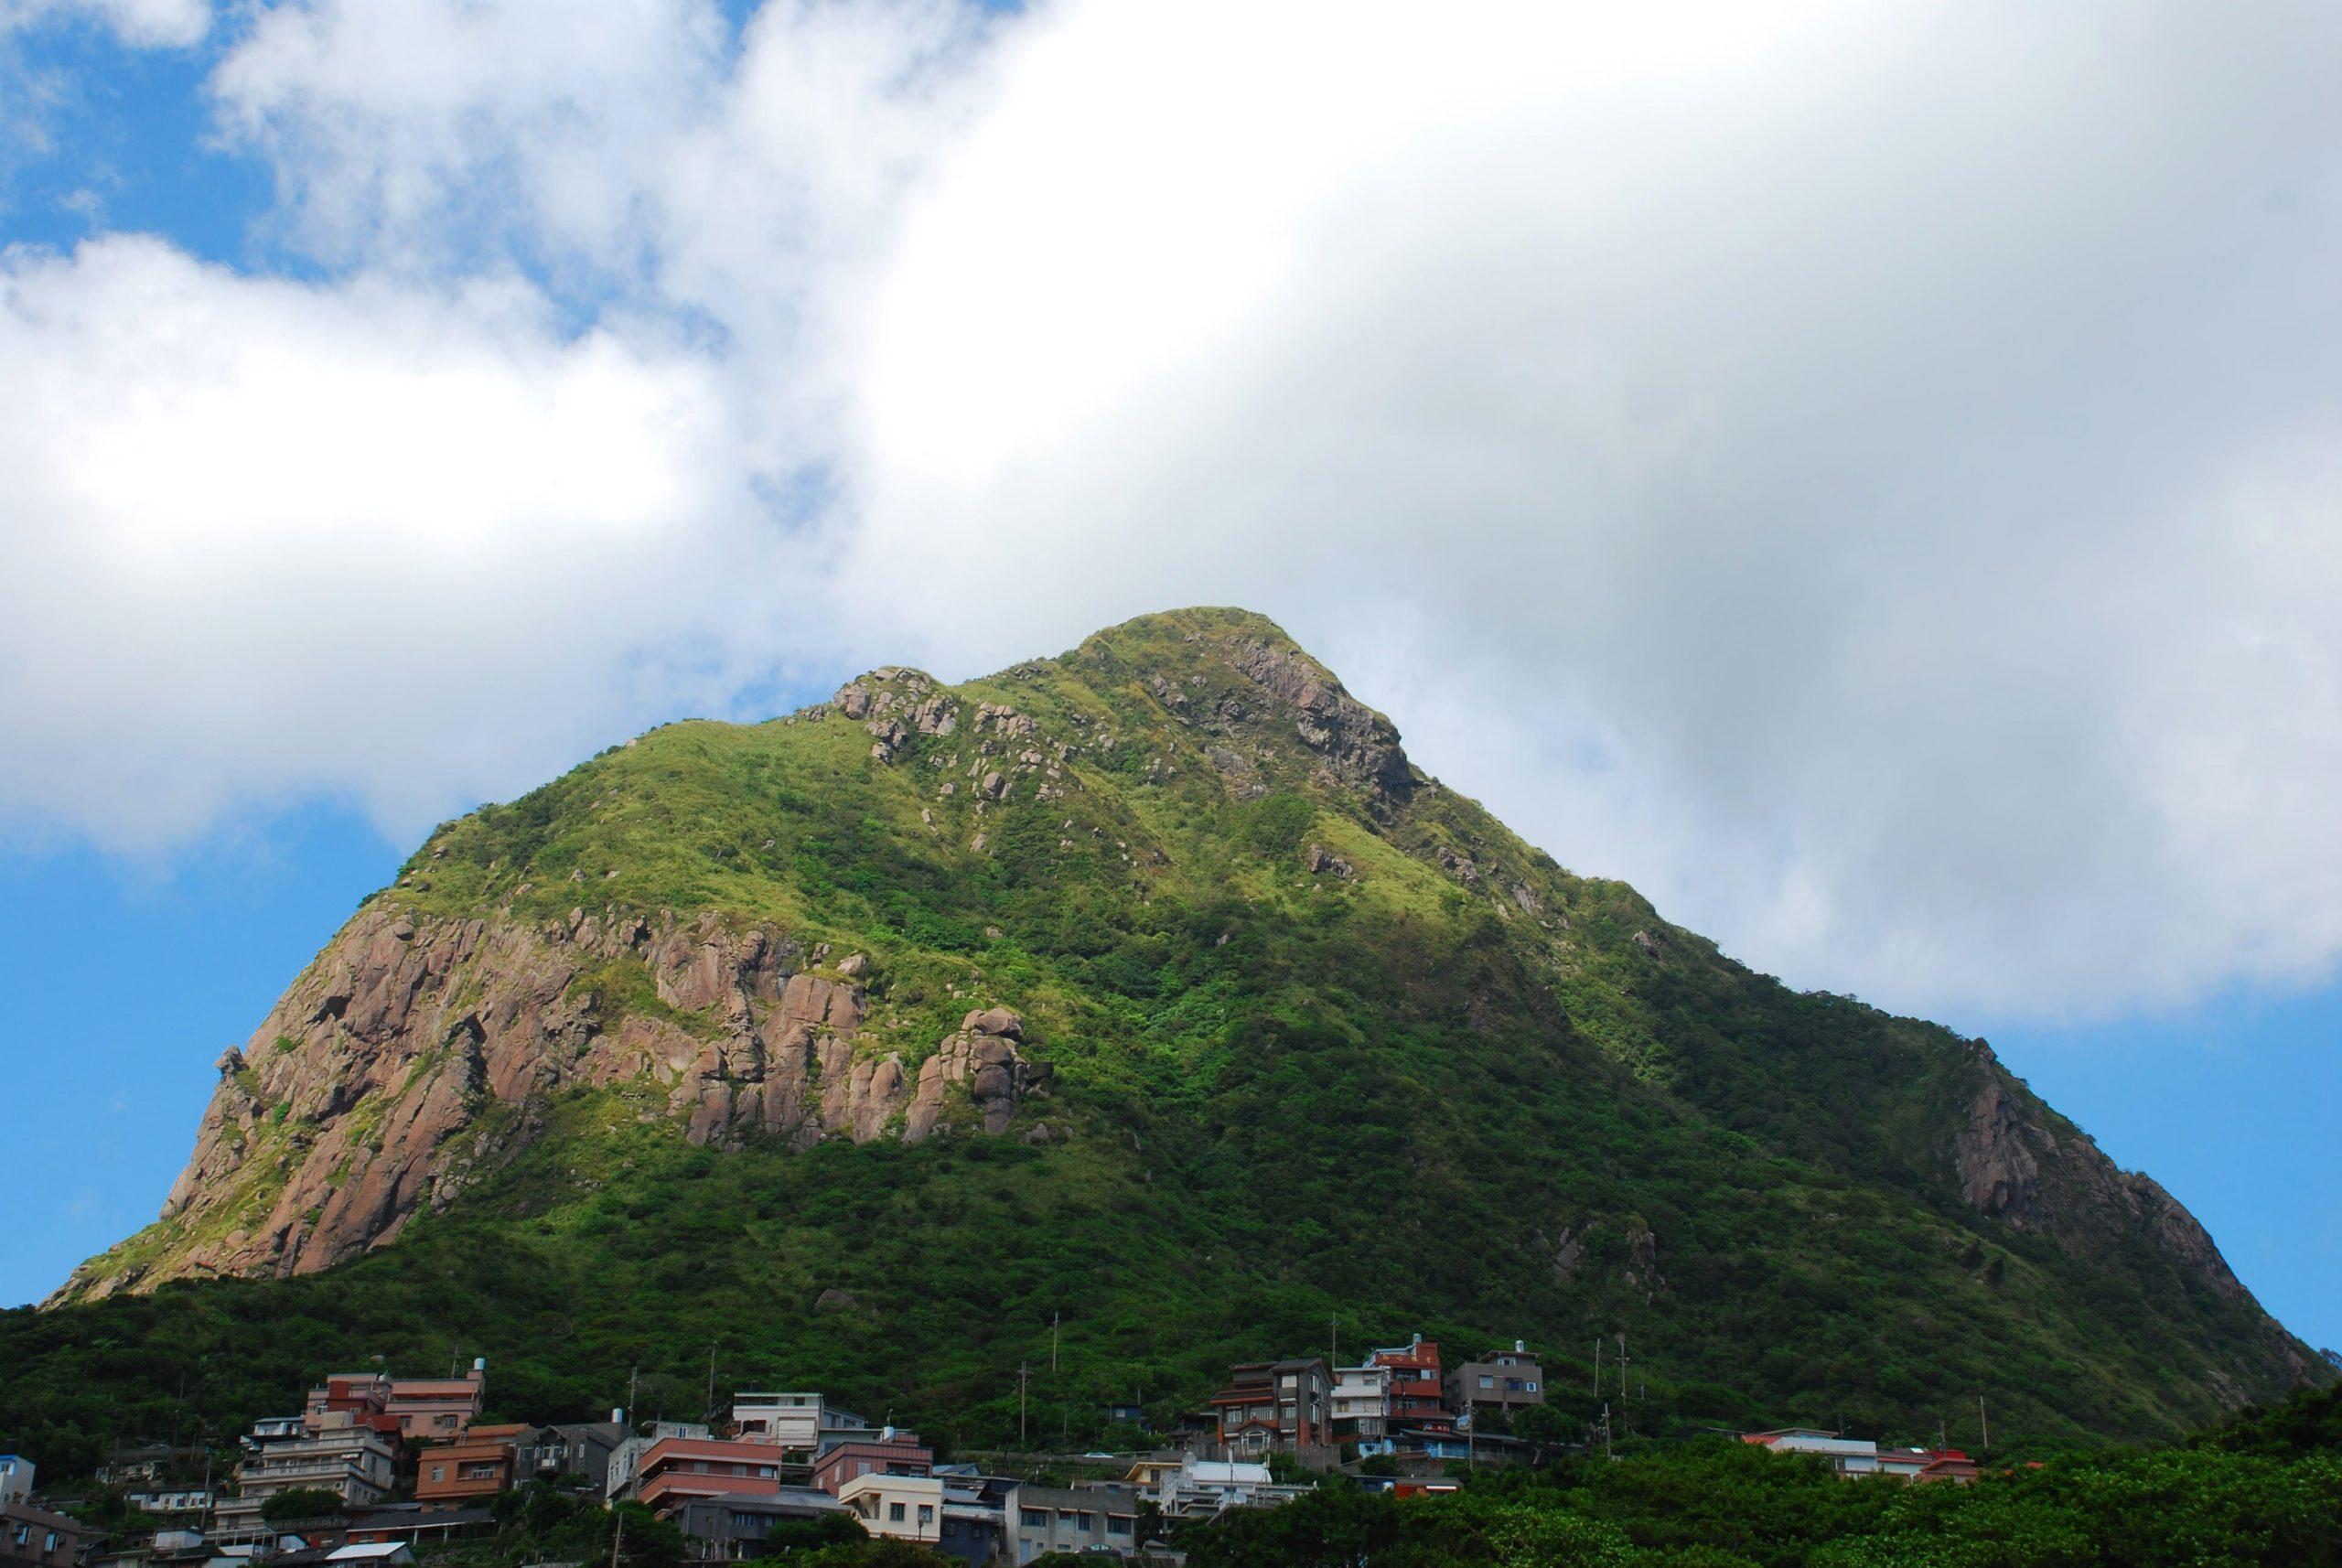 基隆山顶-台湾精彩行程